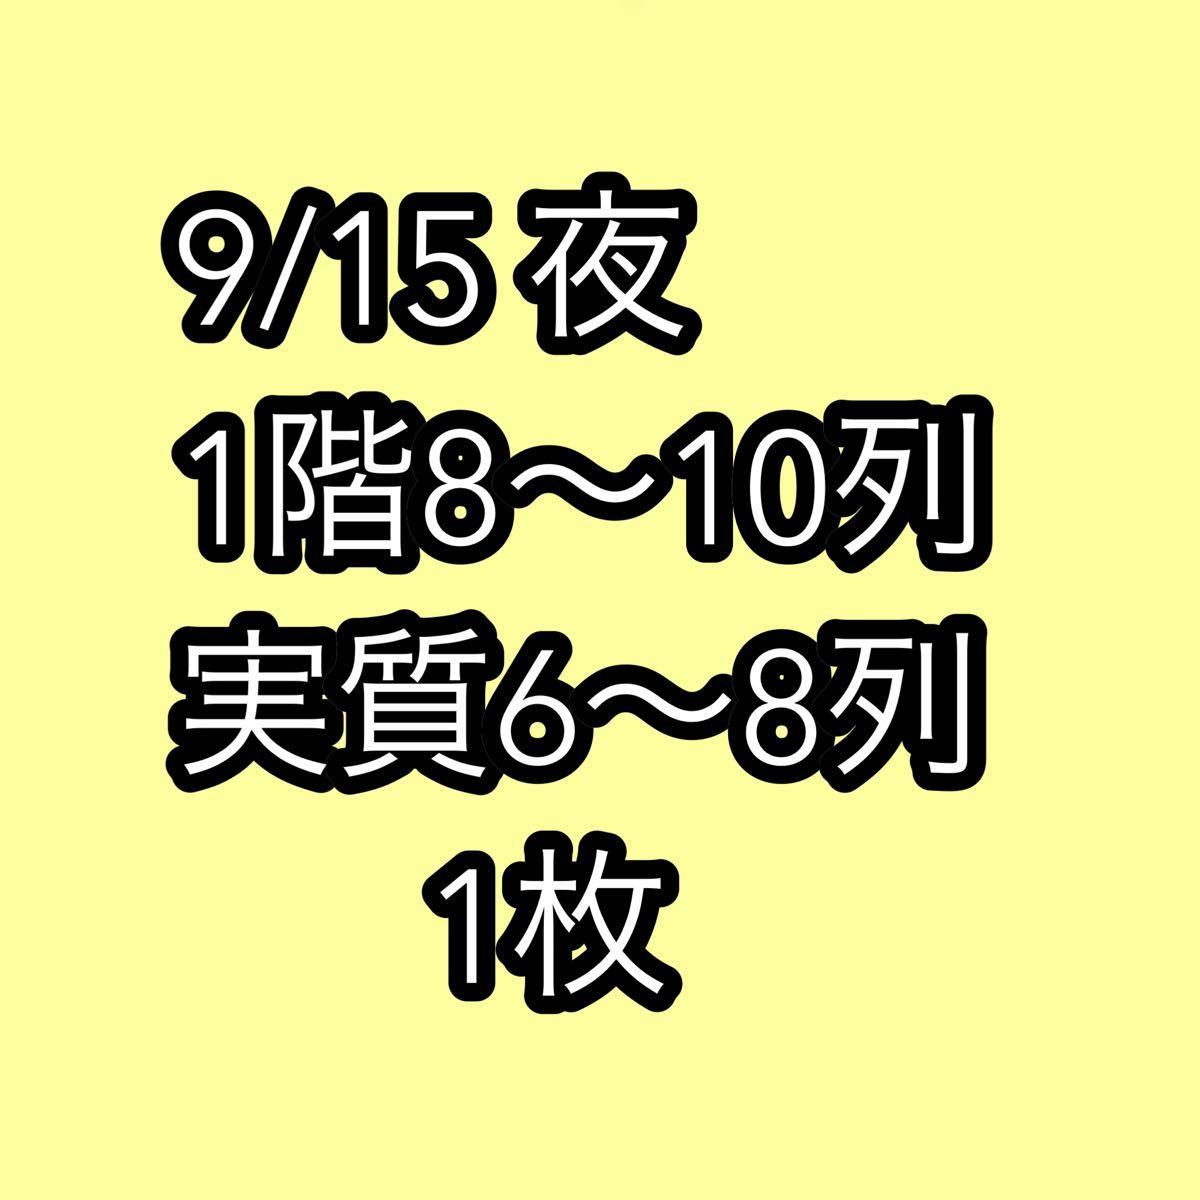 1階8-10列 9/15 夜 SKE48 リクエストアワーセットリストベスト100 2018 1枚 名古屋国際会議場センチュリーホール